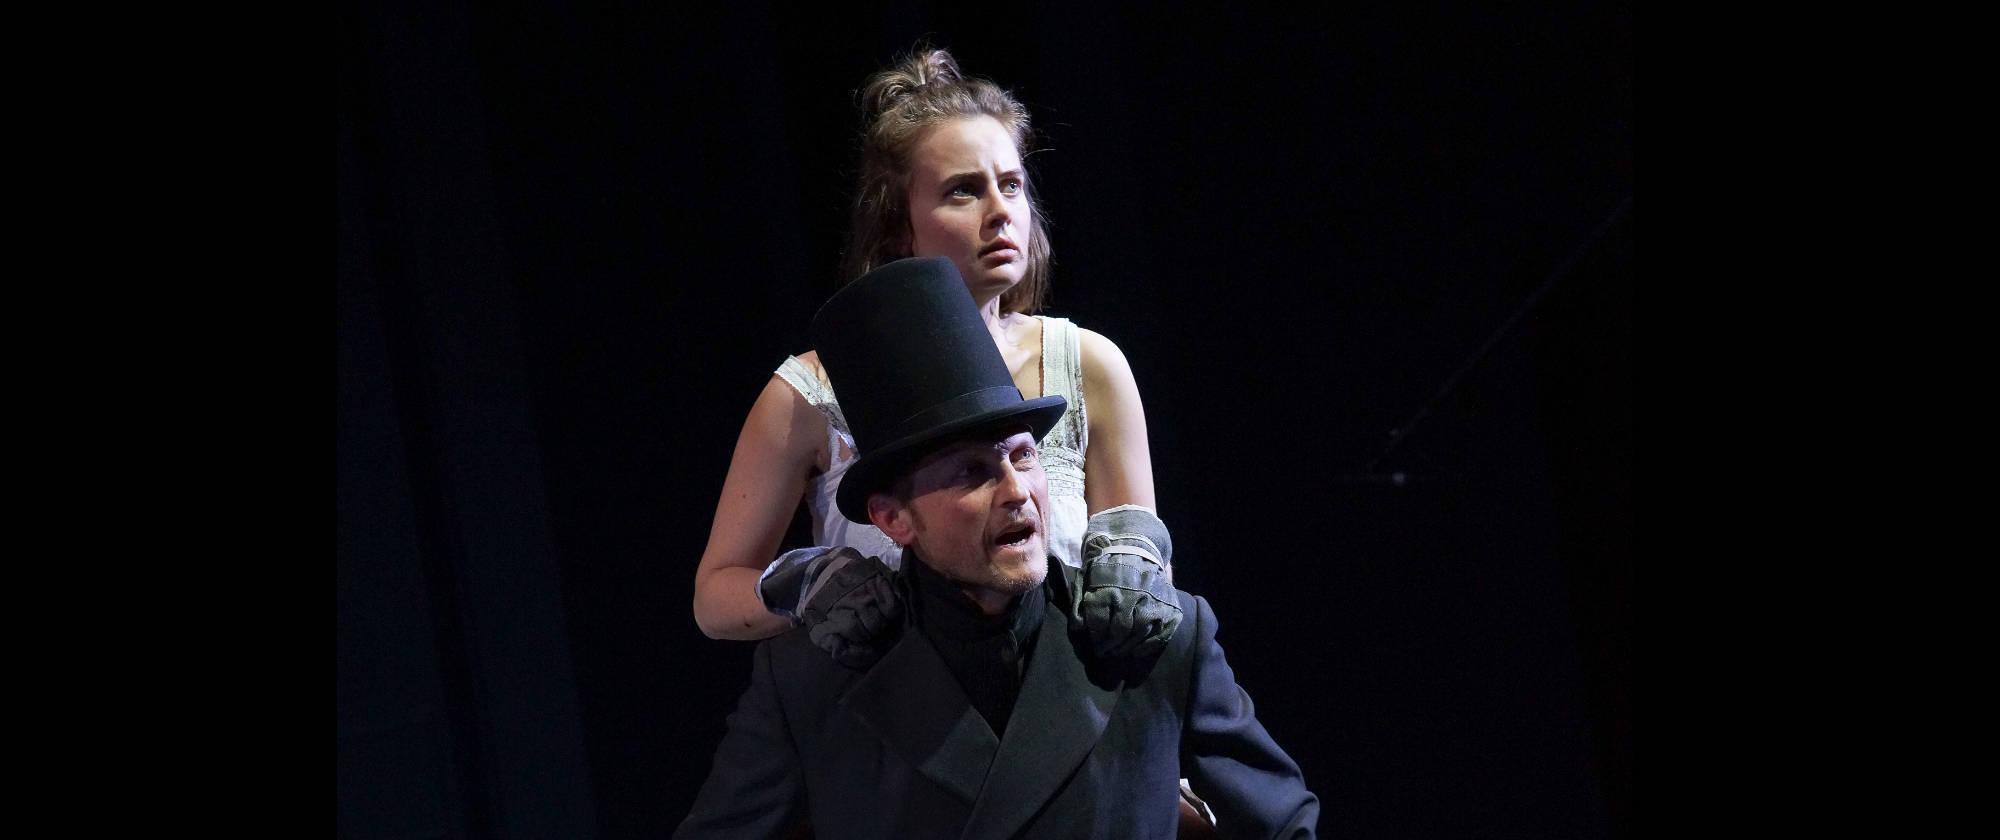 006-DIE-ELENDEN-nach-Victor-Hugo-Les-Miserables-von-Malte-Kreutzfeldt-Regie-c-photo-Olaf-Struck-Theater-Schauspielhaus-Kiel-2019